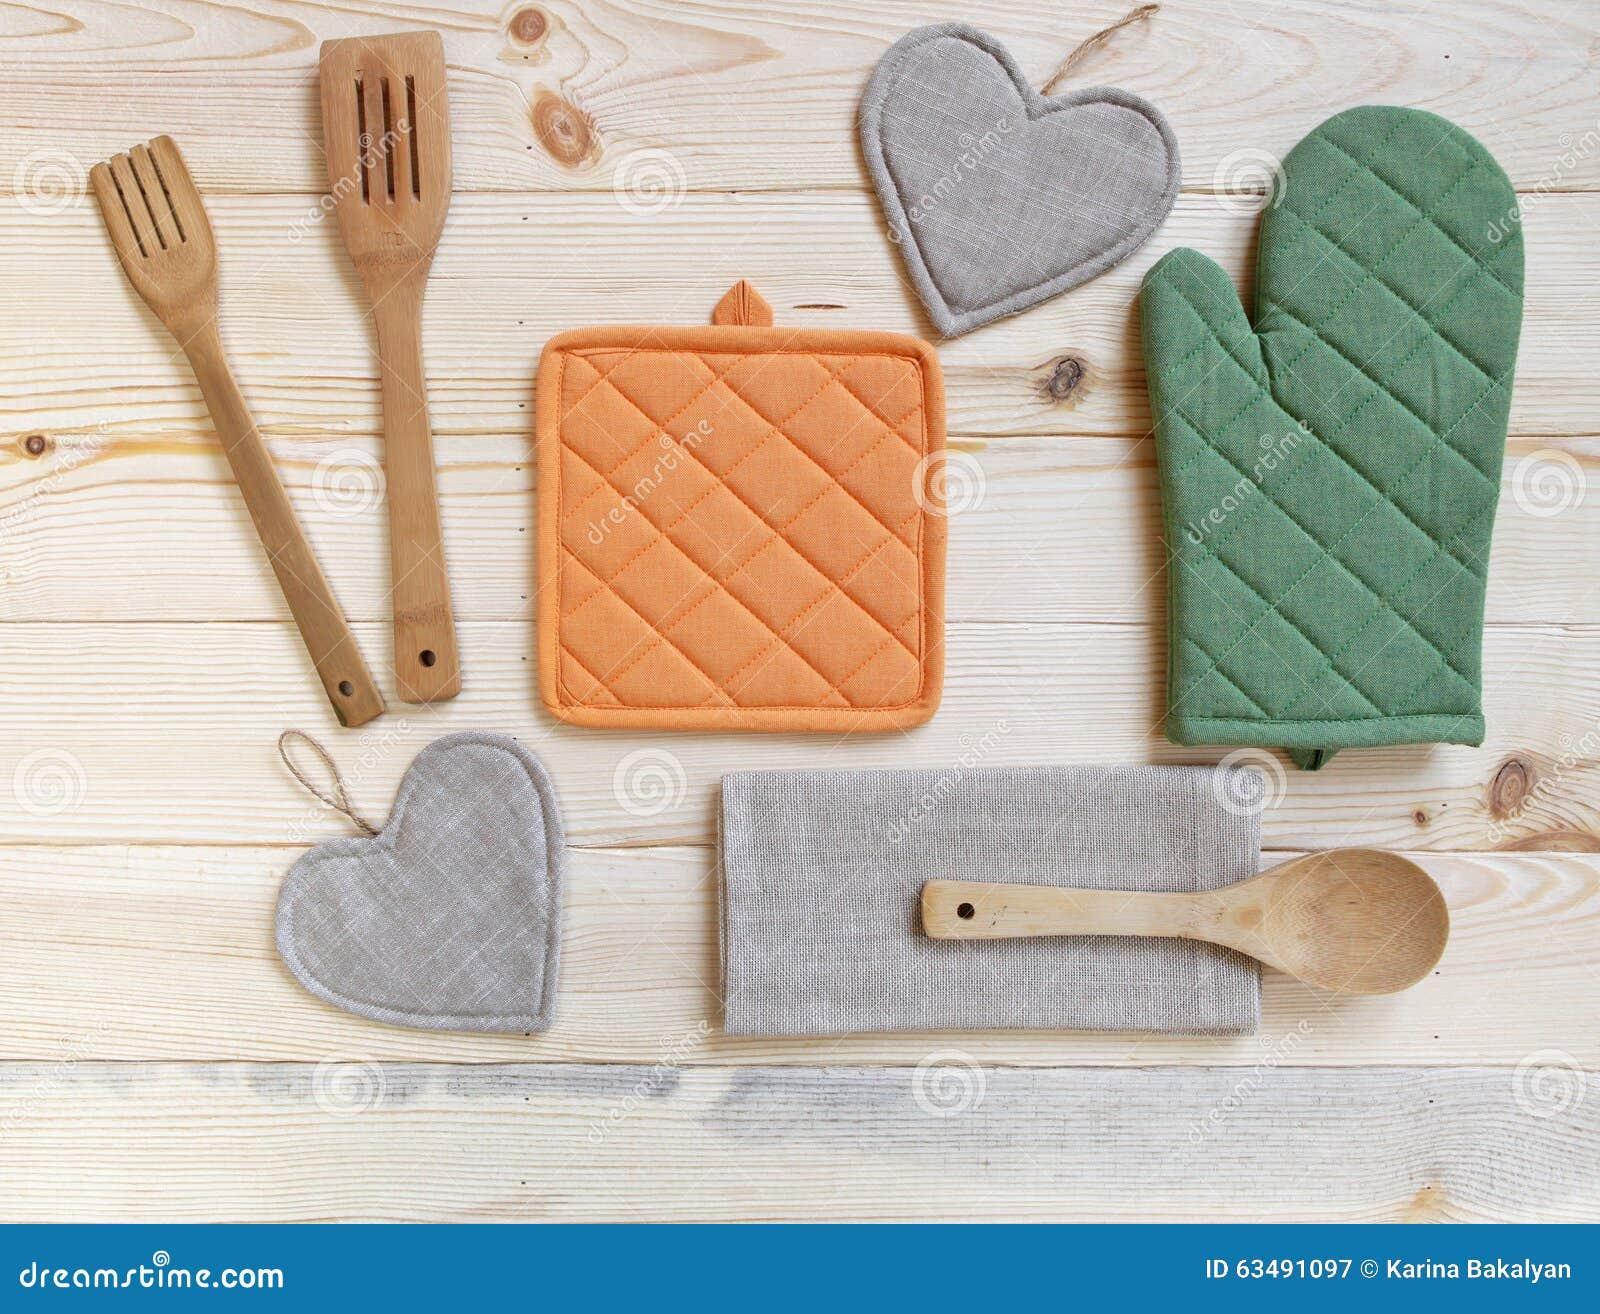 Wooden kitchen utensils potholder glove and napkin on for Table utensils